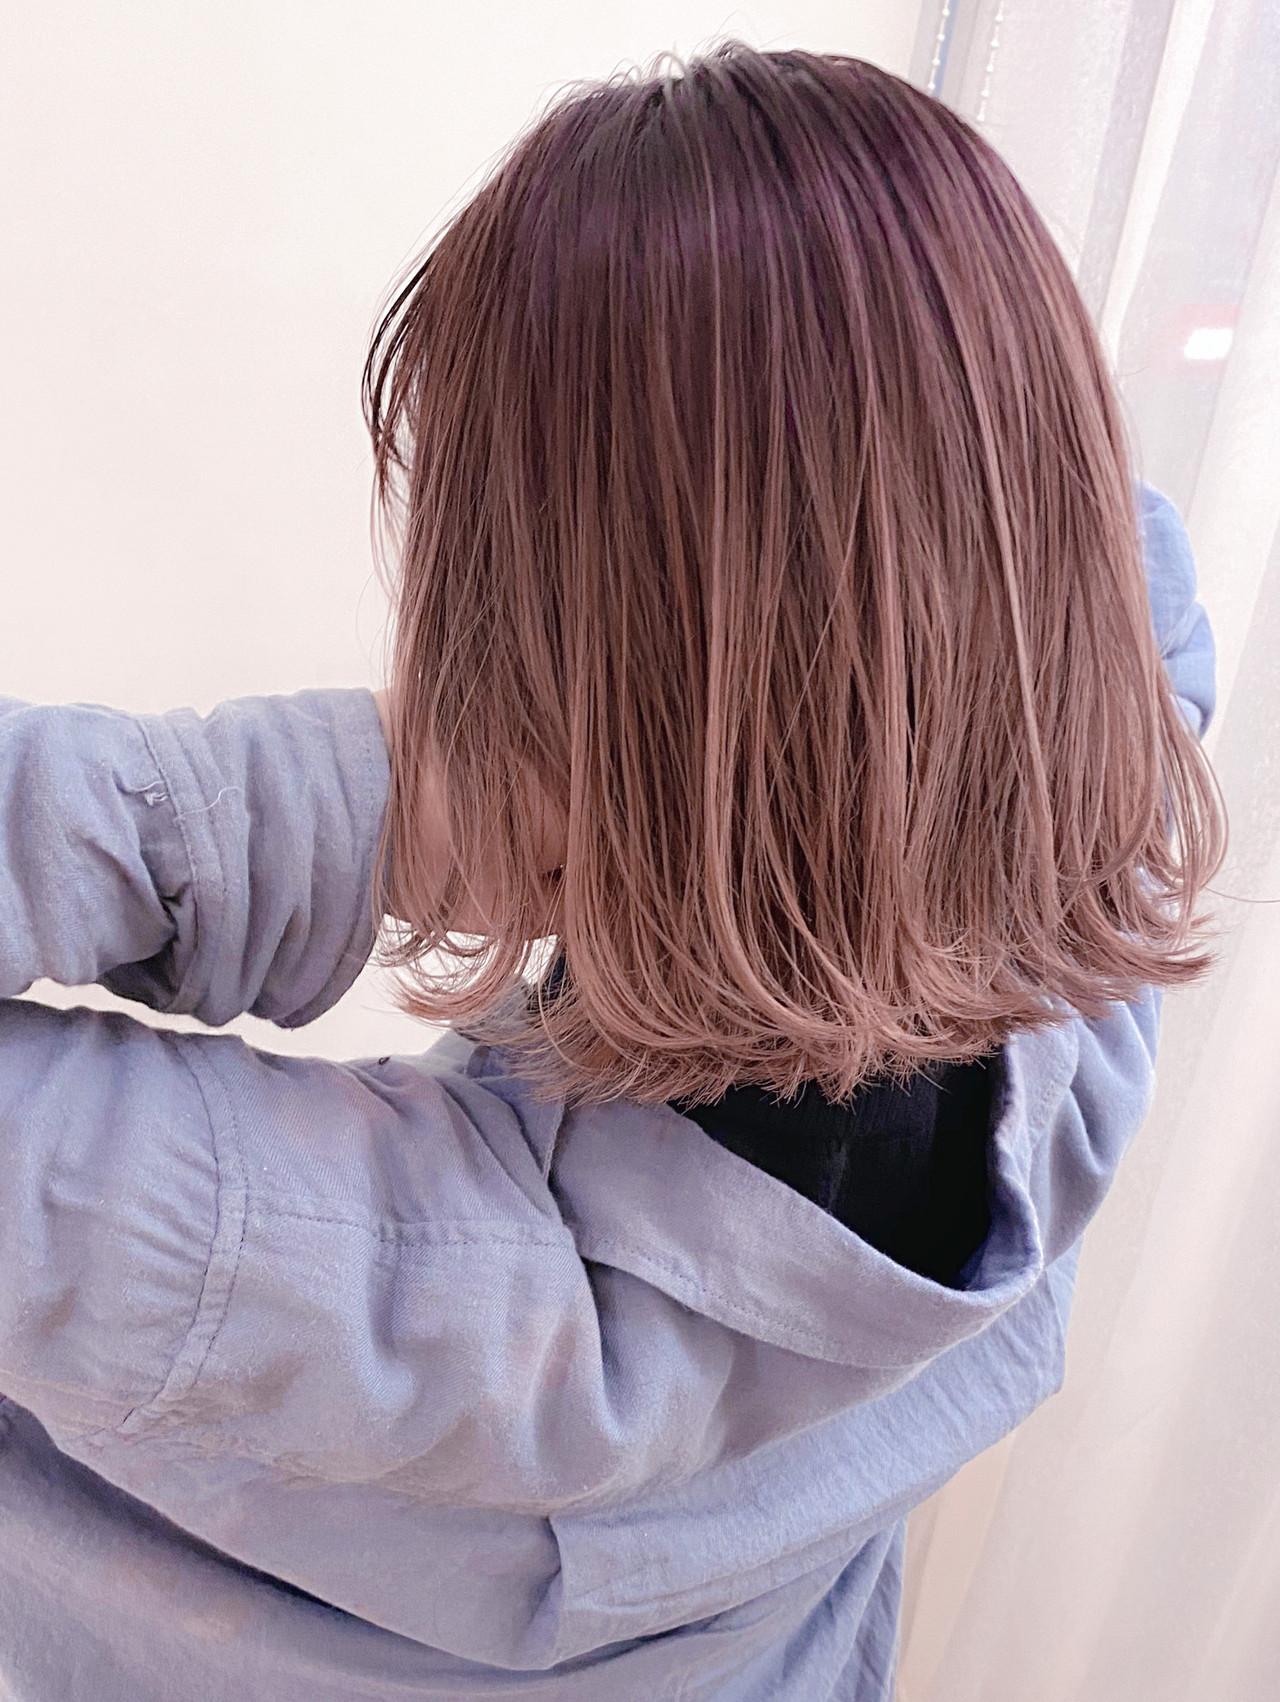 ハイライト 3Dハイライト ピンク ボブヘアスタイルや髪型の写真・画像